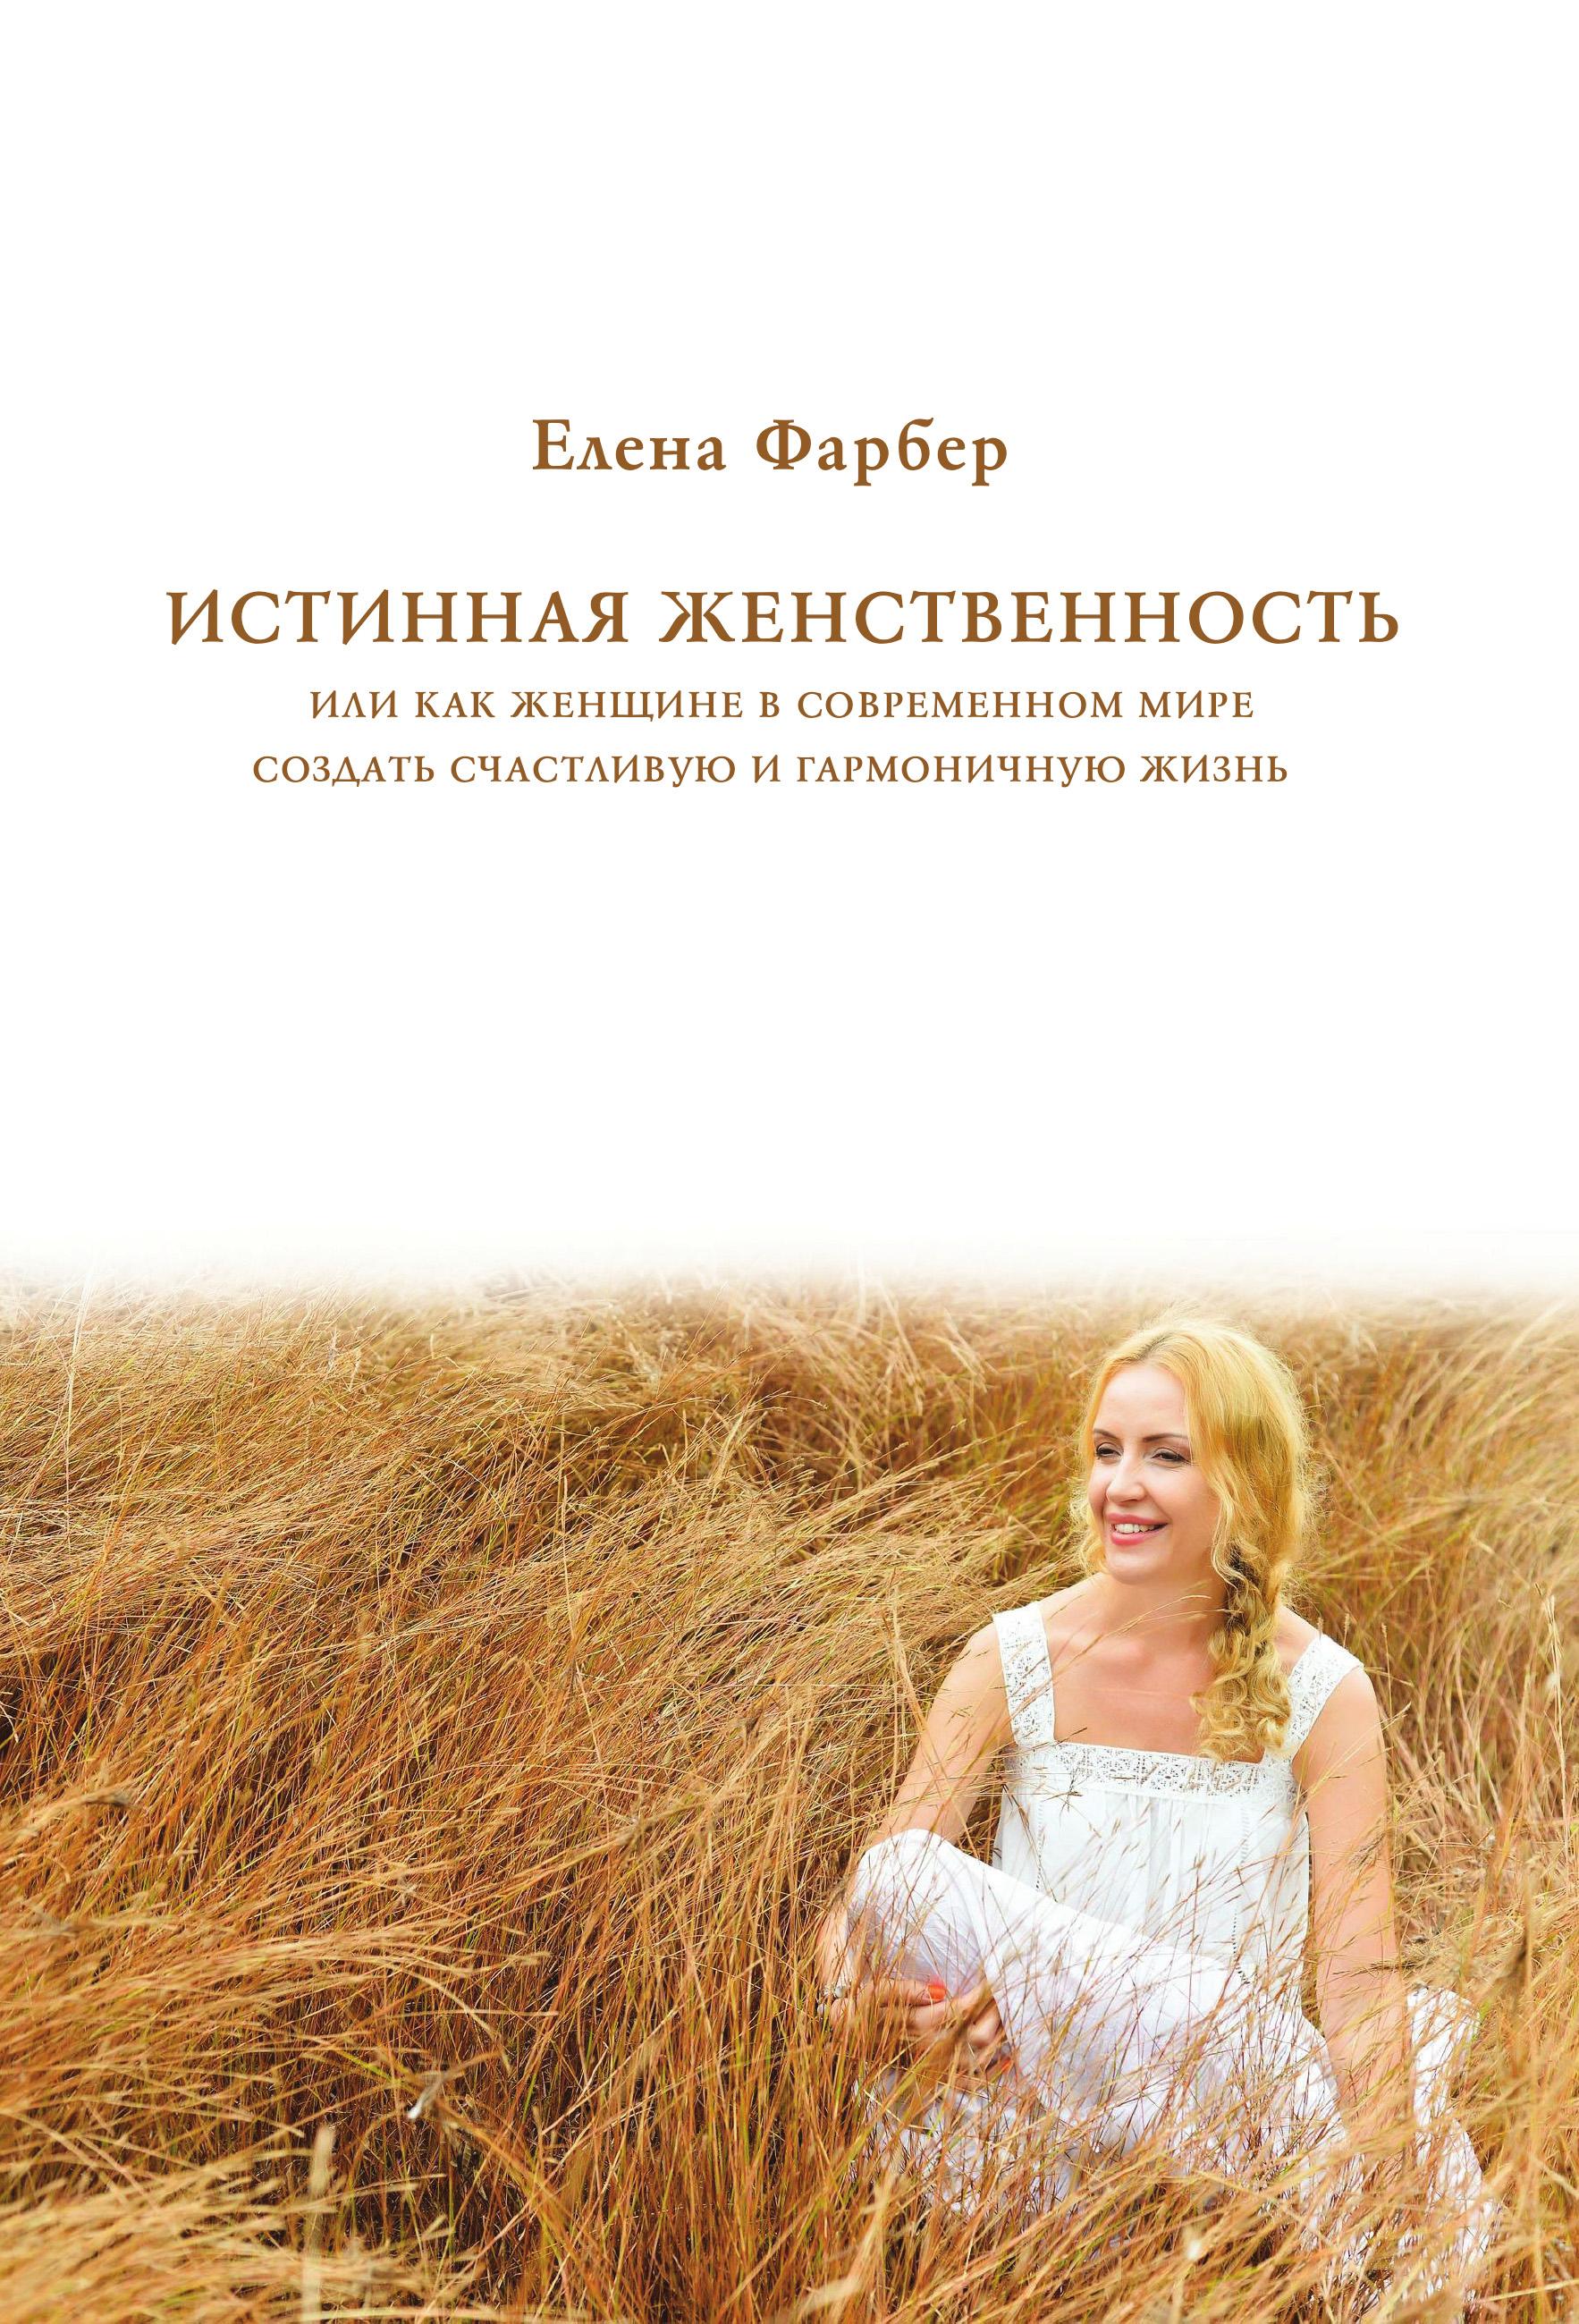 Купить книгу Истинная женственность, или Как женщине в современном мире создать счастливую и гармоничную жизнь, автора Елены Фарбер